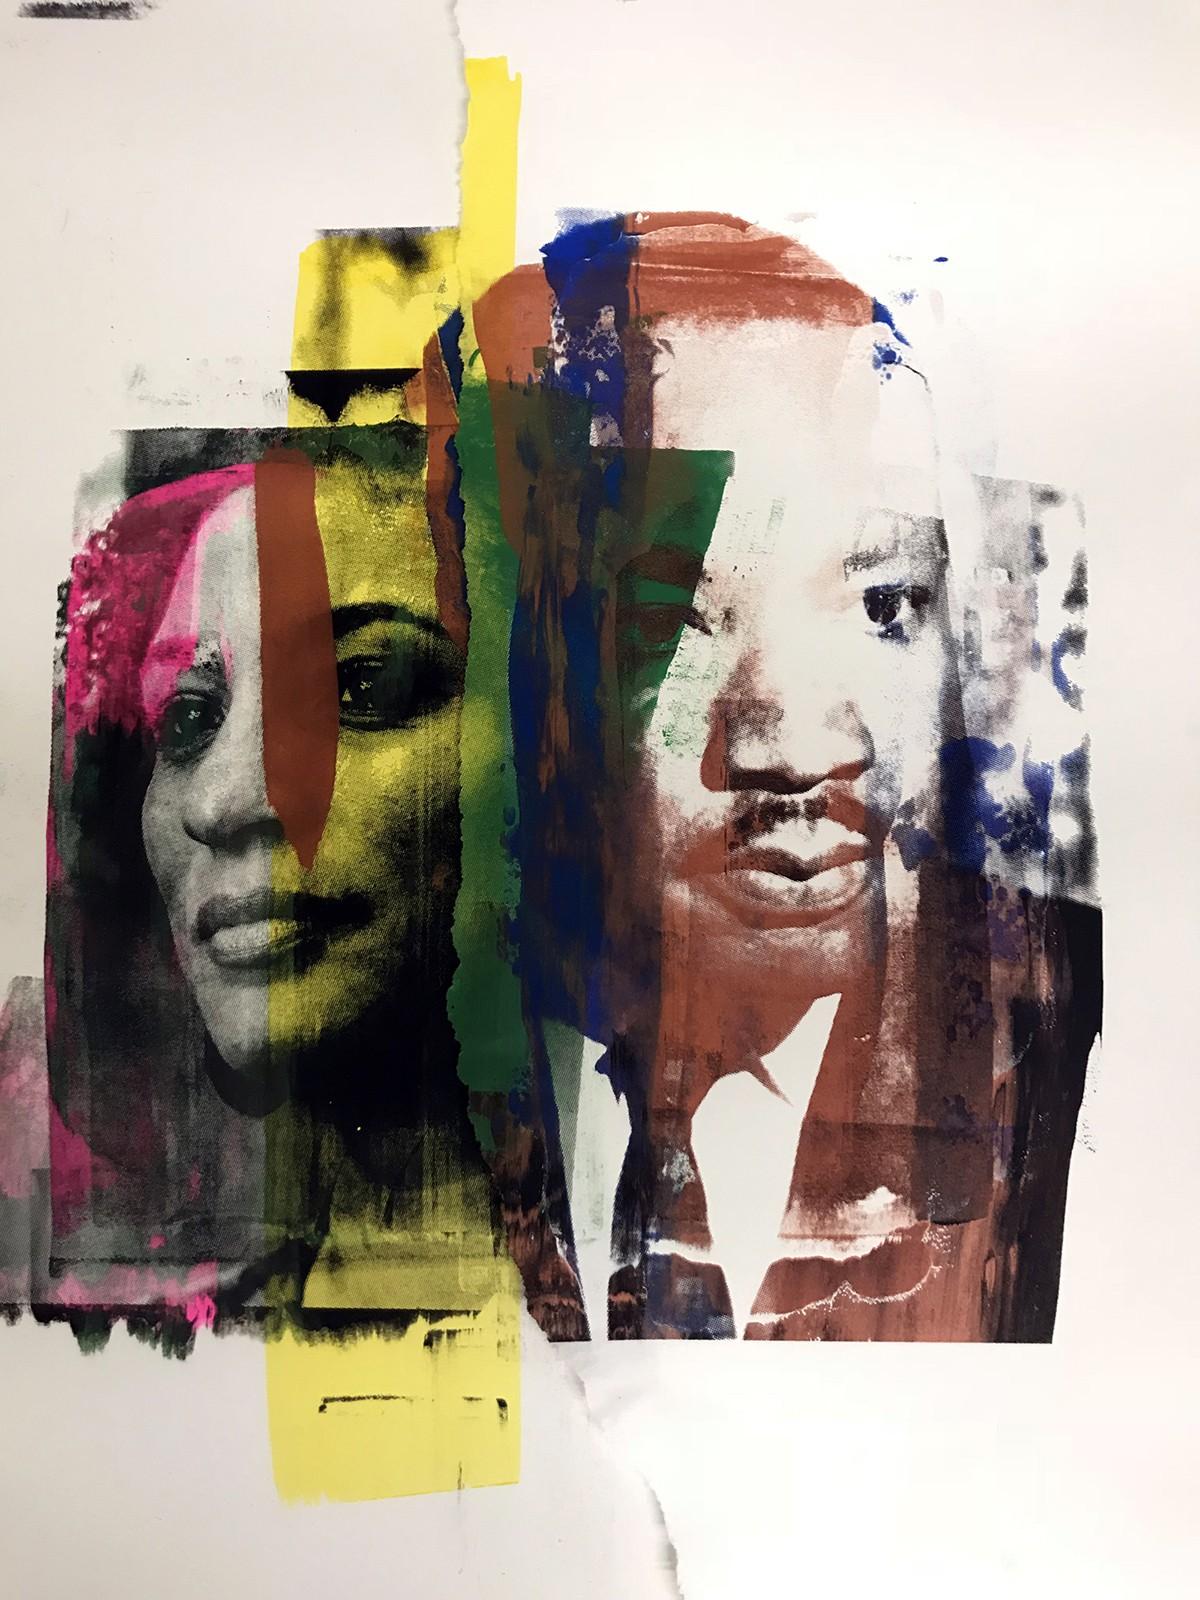 Serigrafia com os rostos de Marielle e Martin Luther King